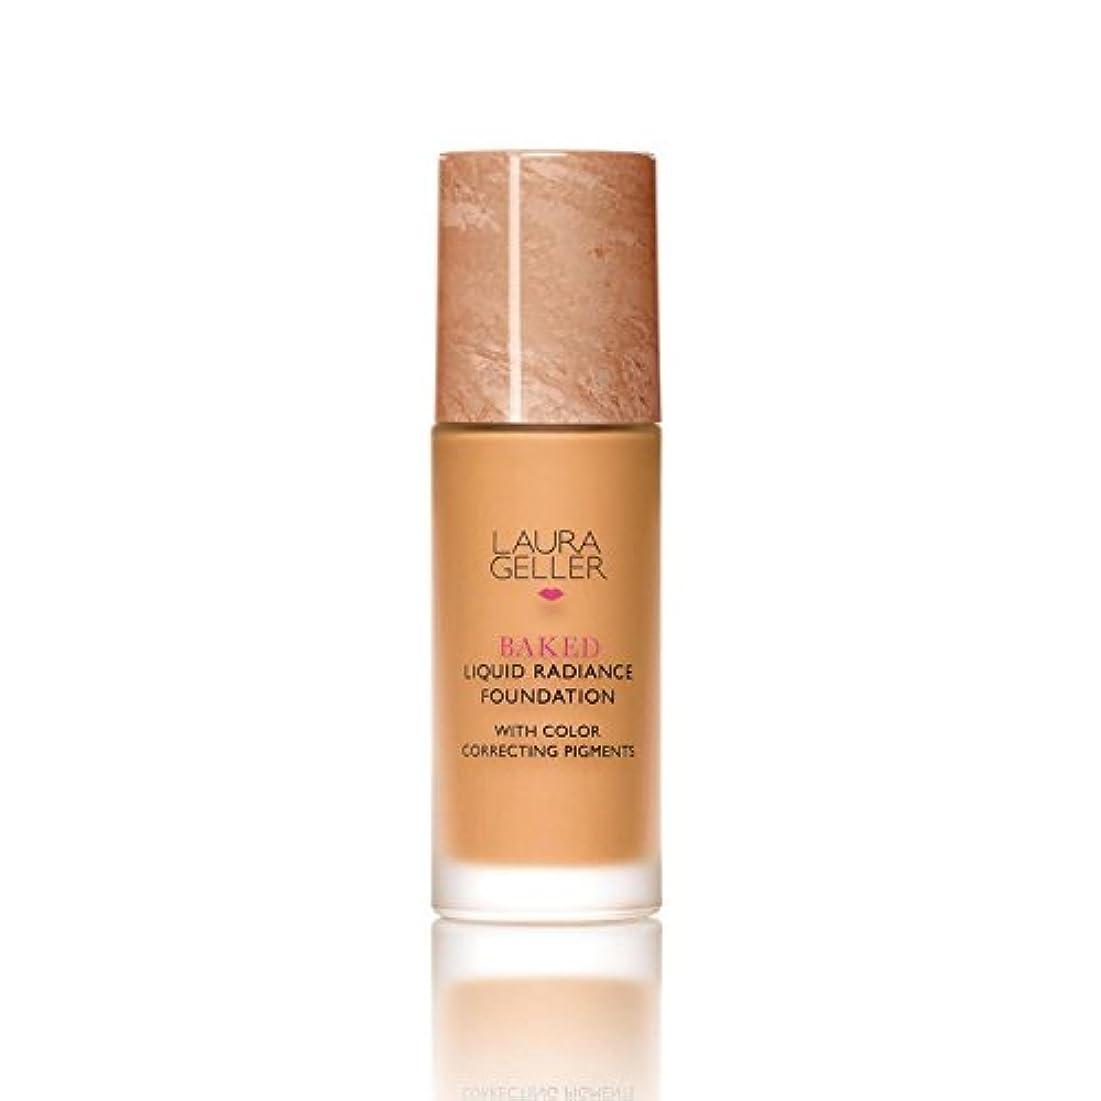 ソファー扇動する若いLaura Geller New York Baked Liquid Radiance Foundation Tan (Pack of 6) - ローラ?ゲラーニューヨーク焼いた液体放射輝度基盤日焼け x6 [並行輸入品]